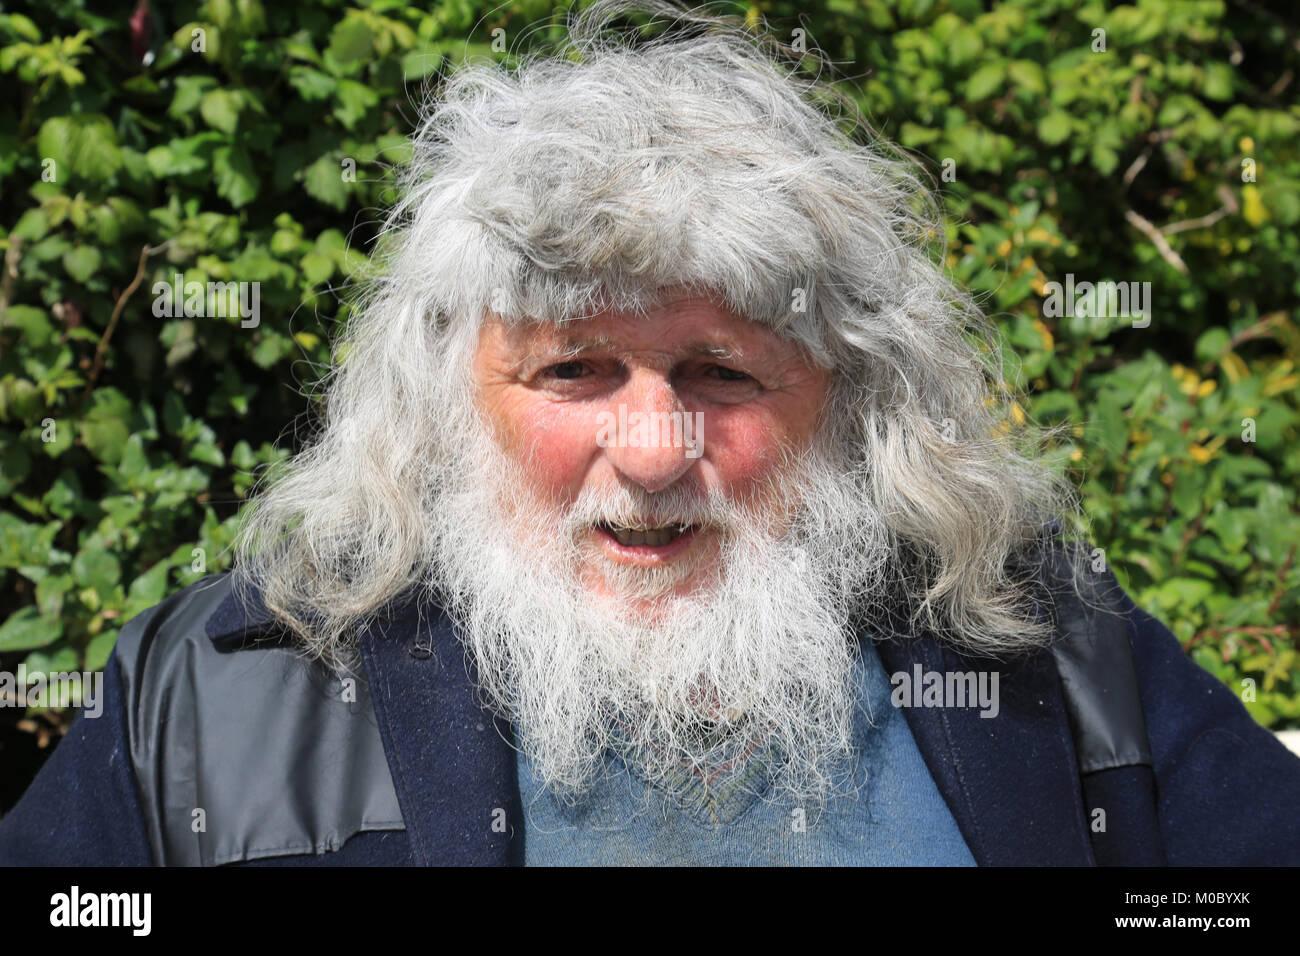 Anziani uomo irlandese con grande testa di capelli e barba 1da849f8f11